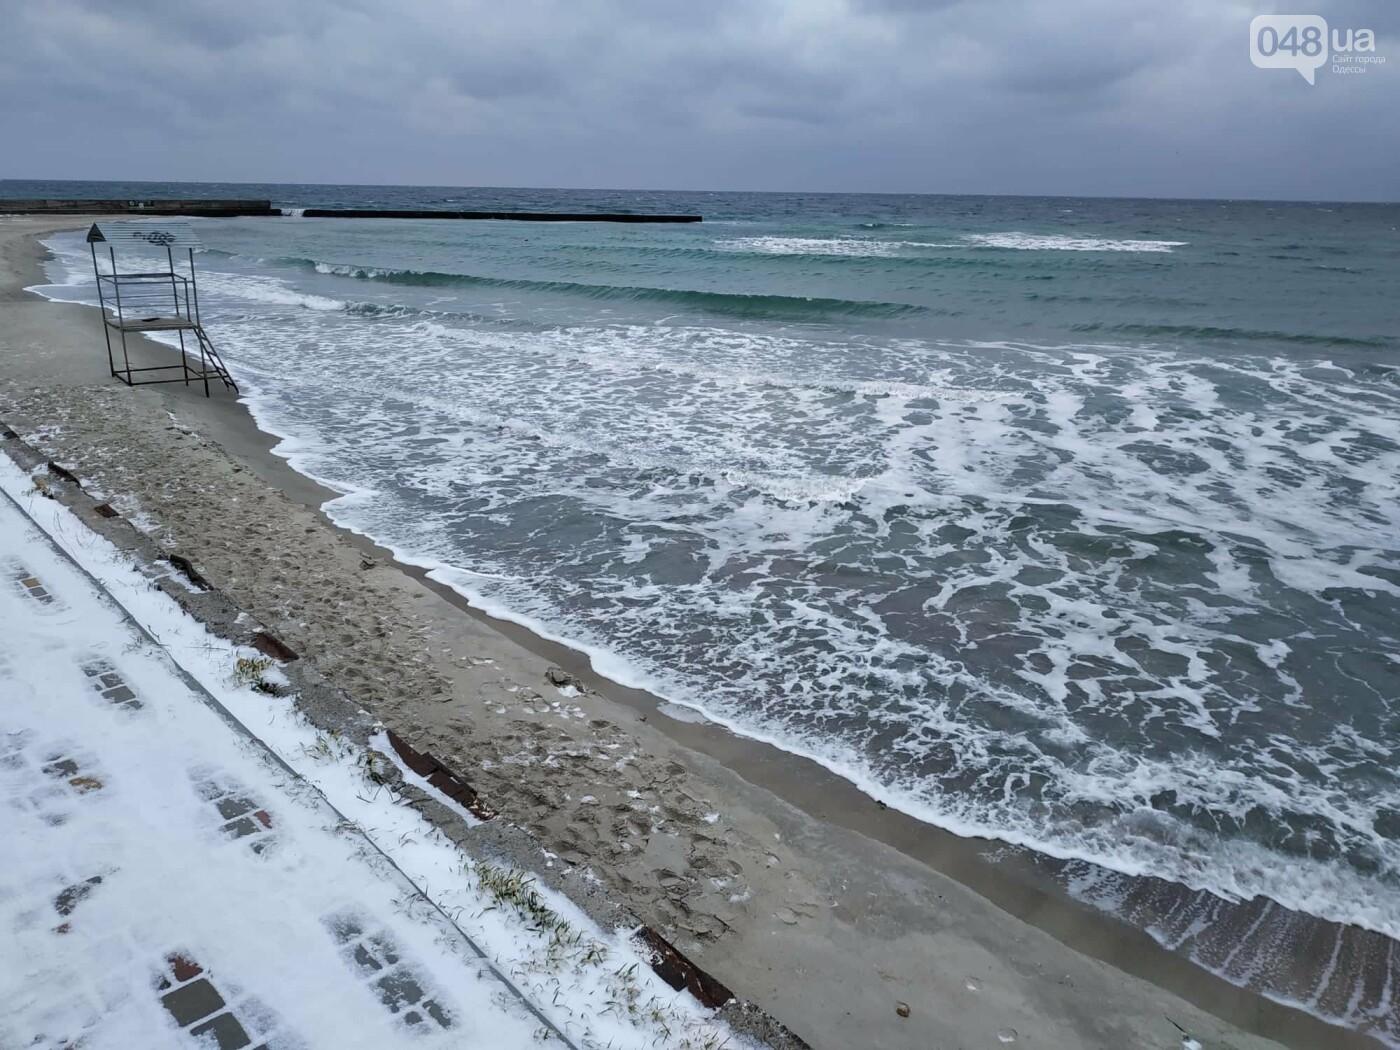 Заснеженные одесские пляжи вечером: вот где стоит прогуляться, - ФОТО, фото-74